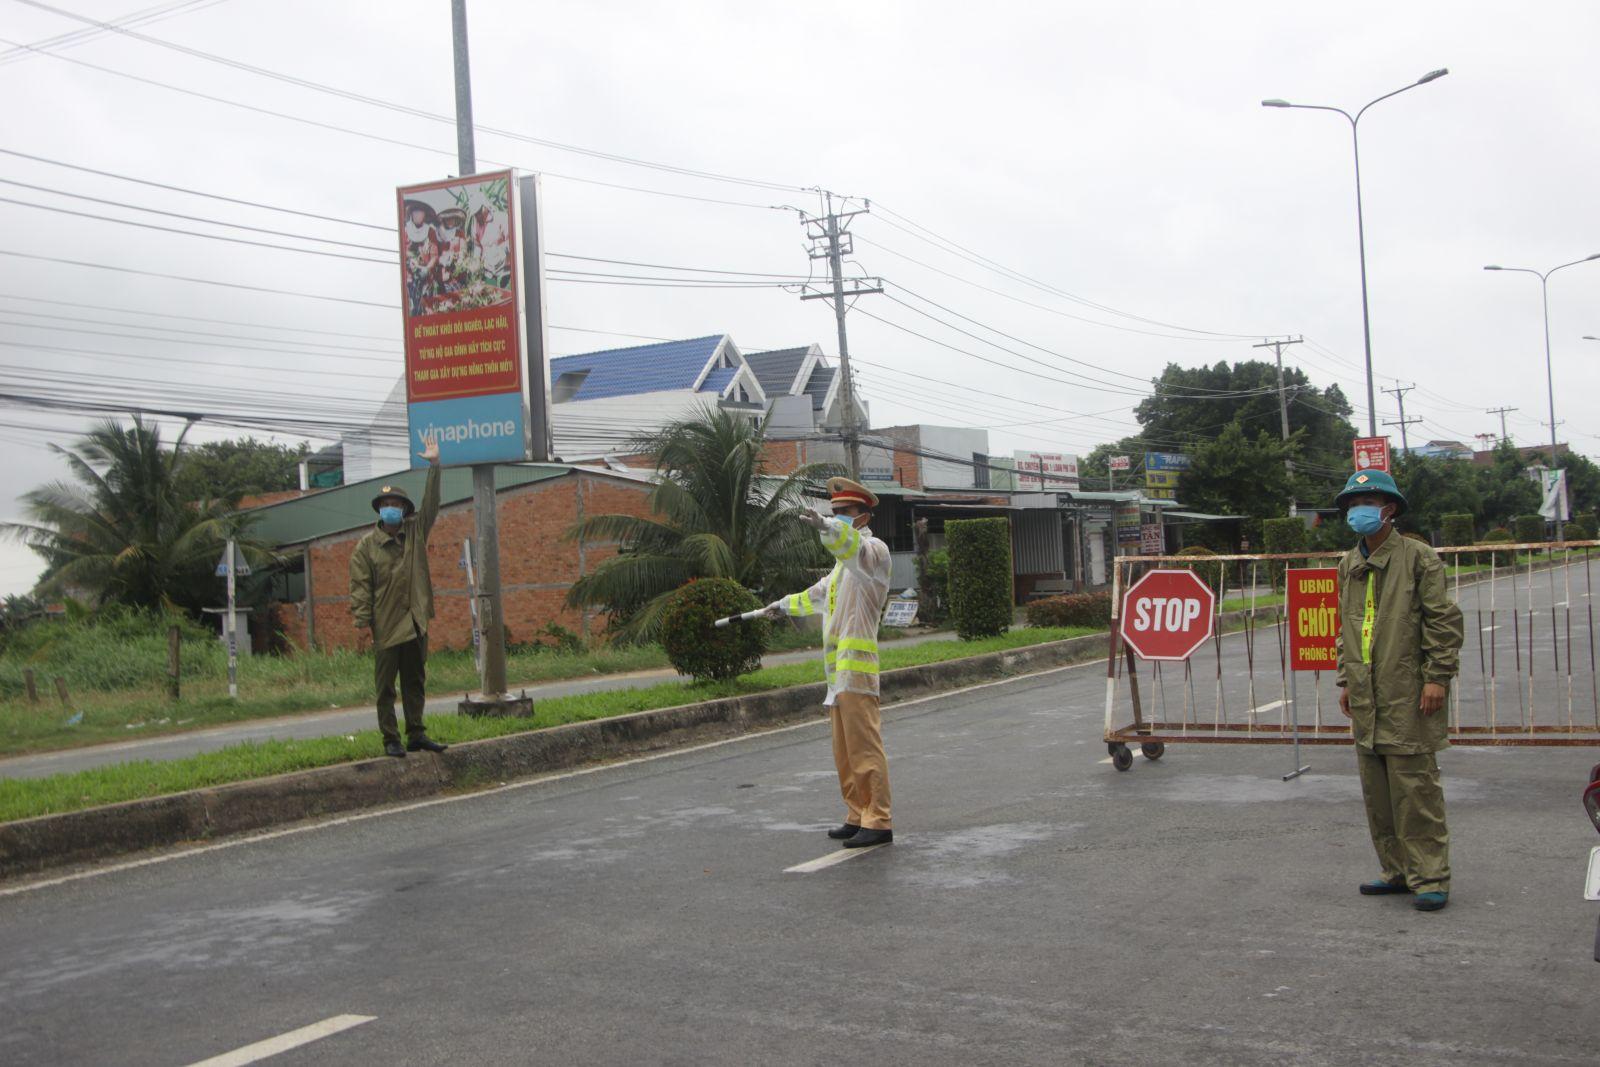 Lực lượng làm nhiệm vụ tại các chốt 24/24 giờ, bất kể nắng, mưa (Chốt tại Đường tỉnh 827A, huyện Châu Thành)